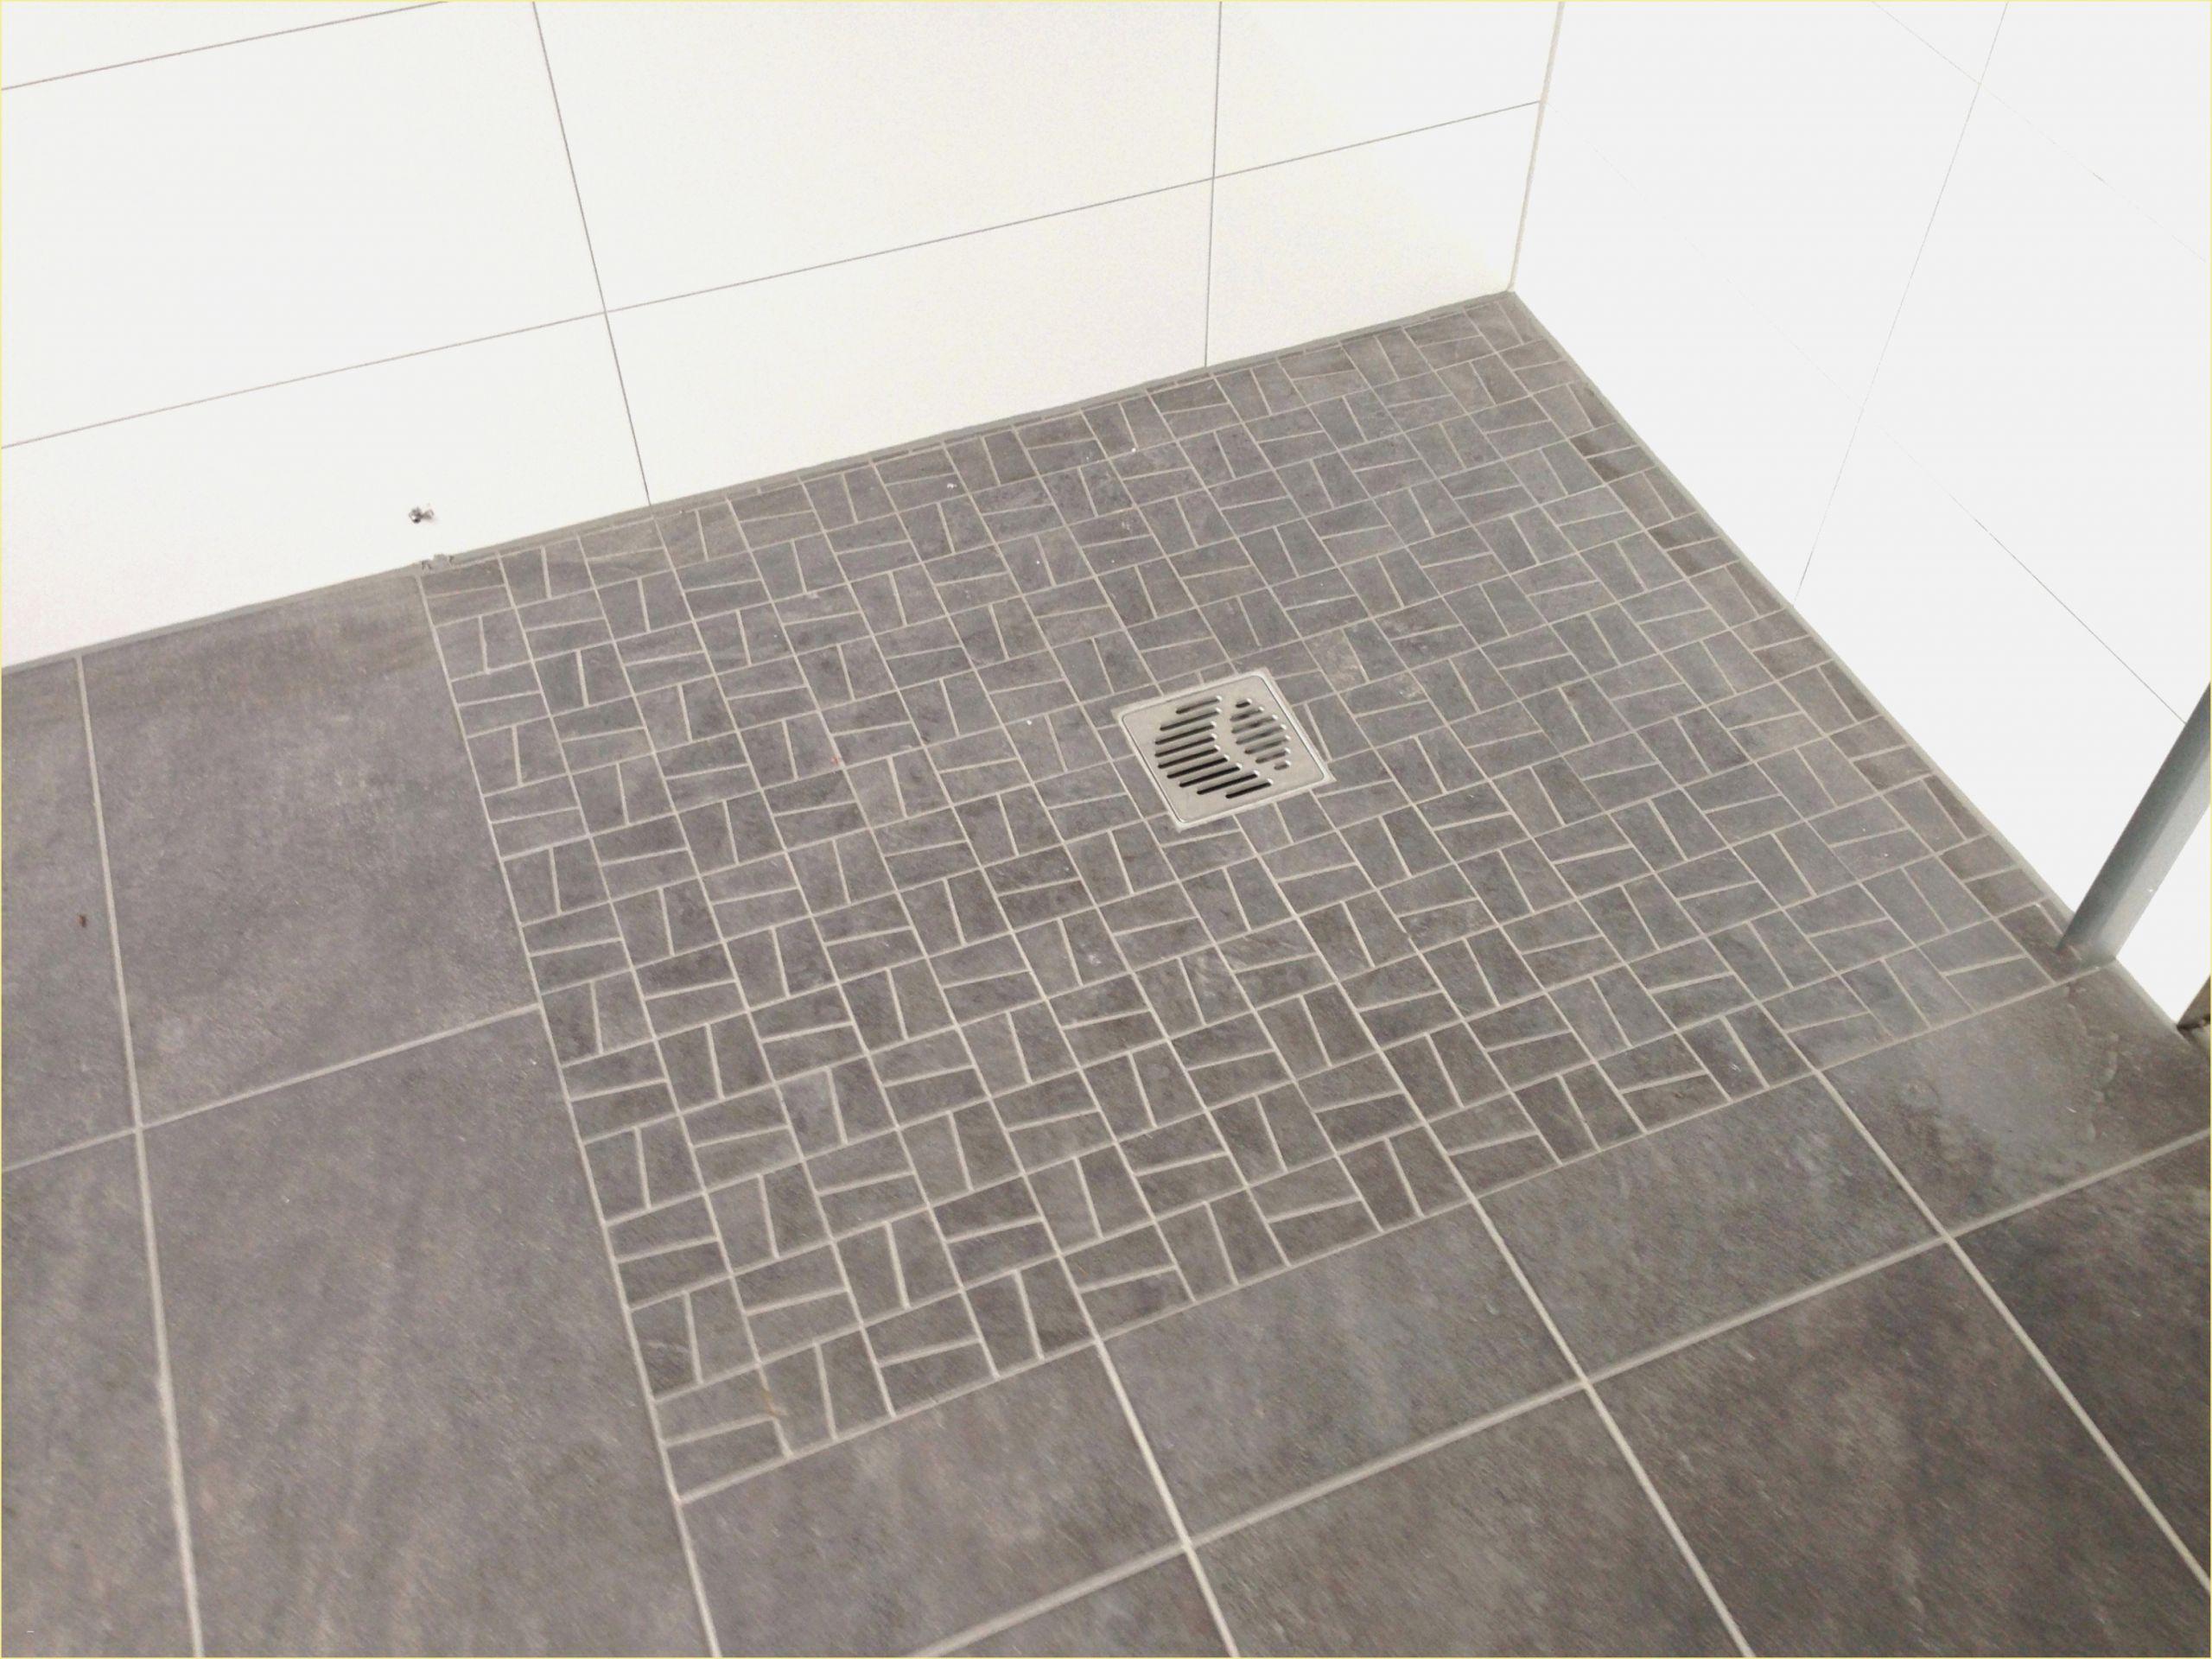 Full Size of Bodengleiche Dusche Abfluss Eckeinstieg Grohe Bluetooth Lautsprecher Glasabtrennung Begehbare Duschen Ebenerdige Glaswand Bodengleich Schulte Werksverkauf Dusche Ebenerdige Dusche